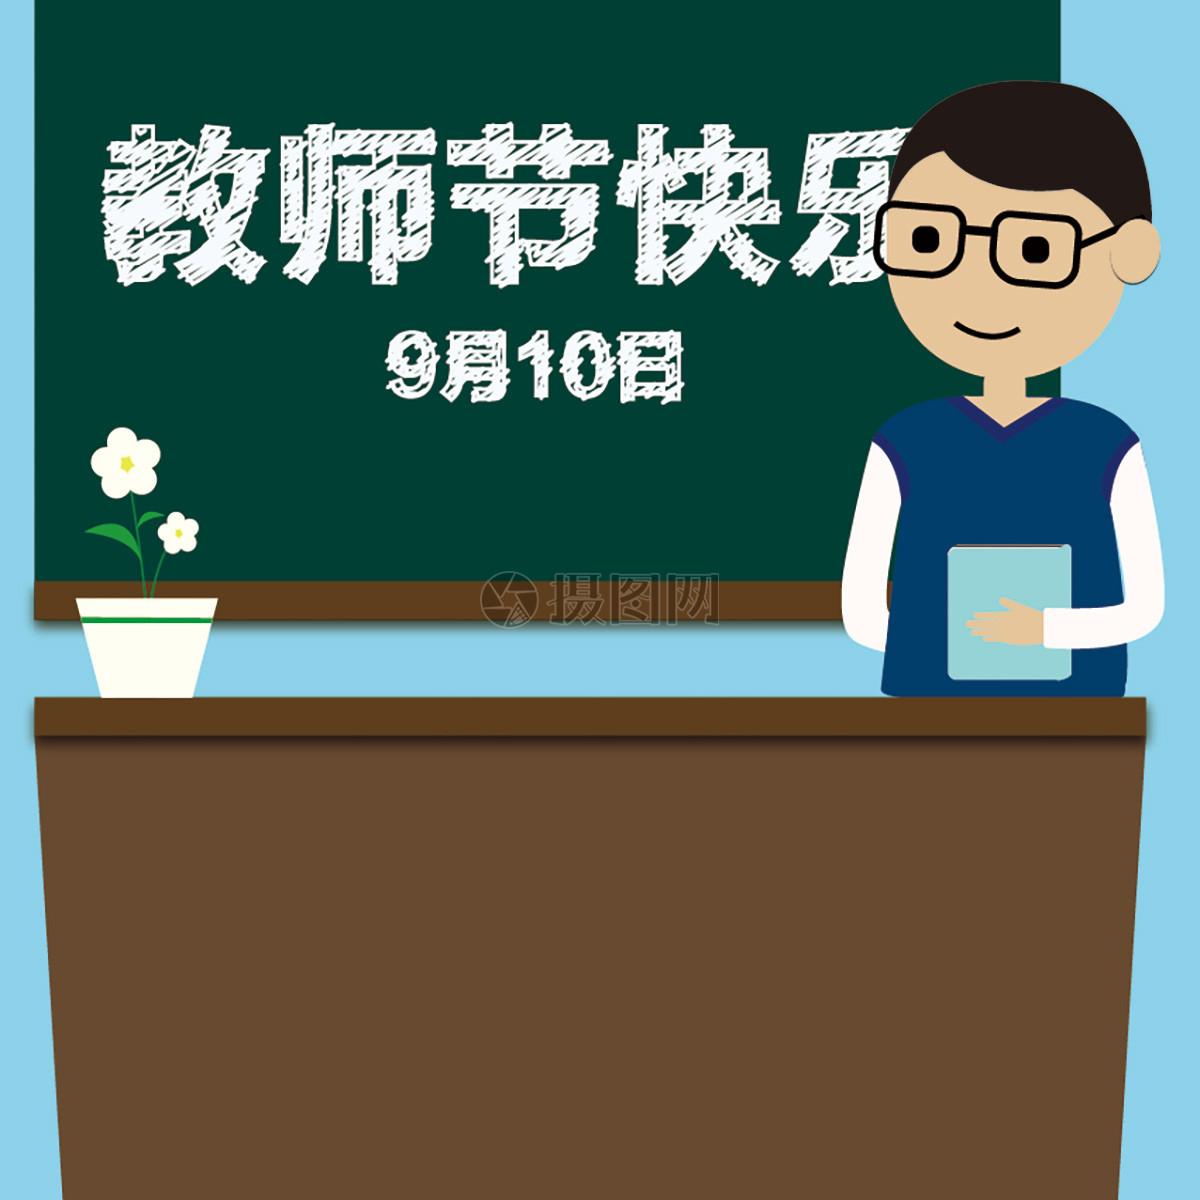 教师节矢量